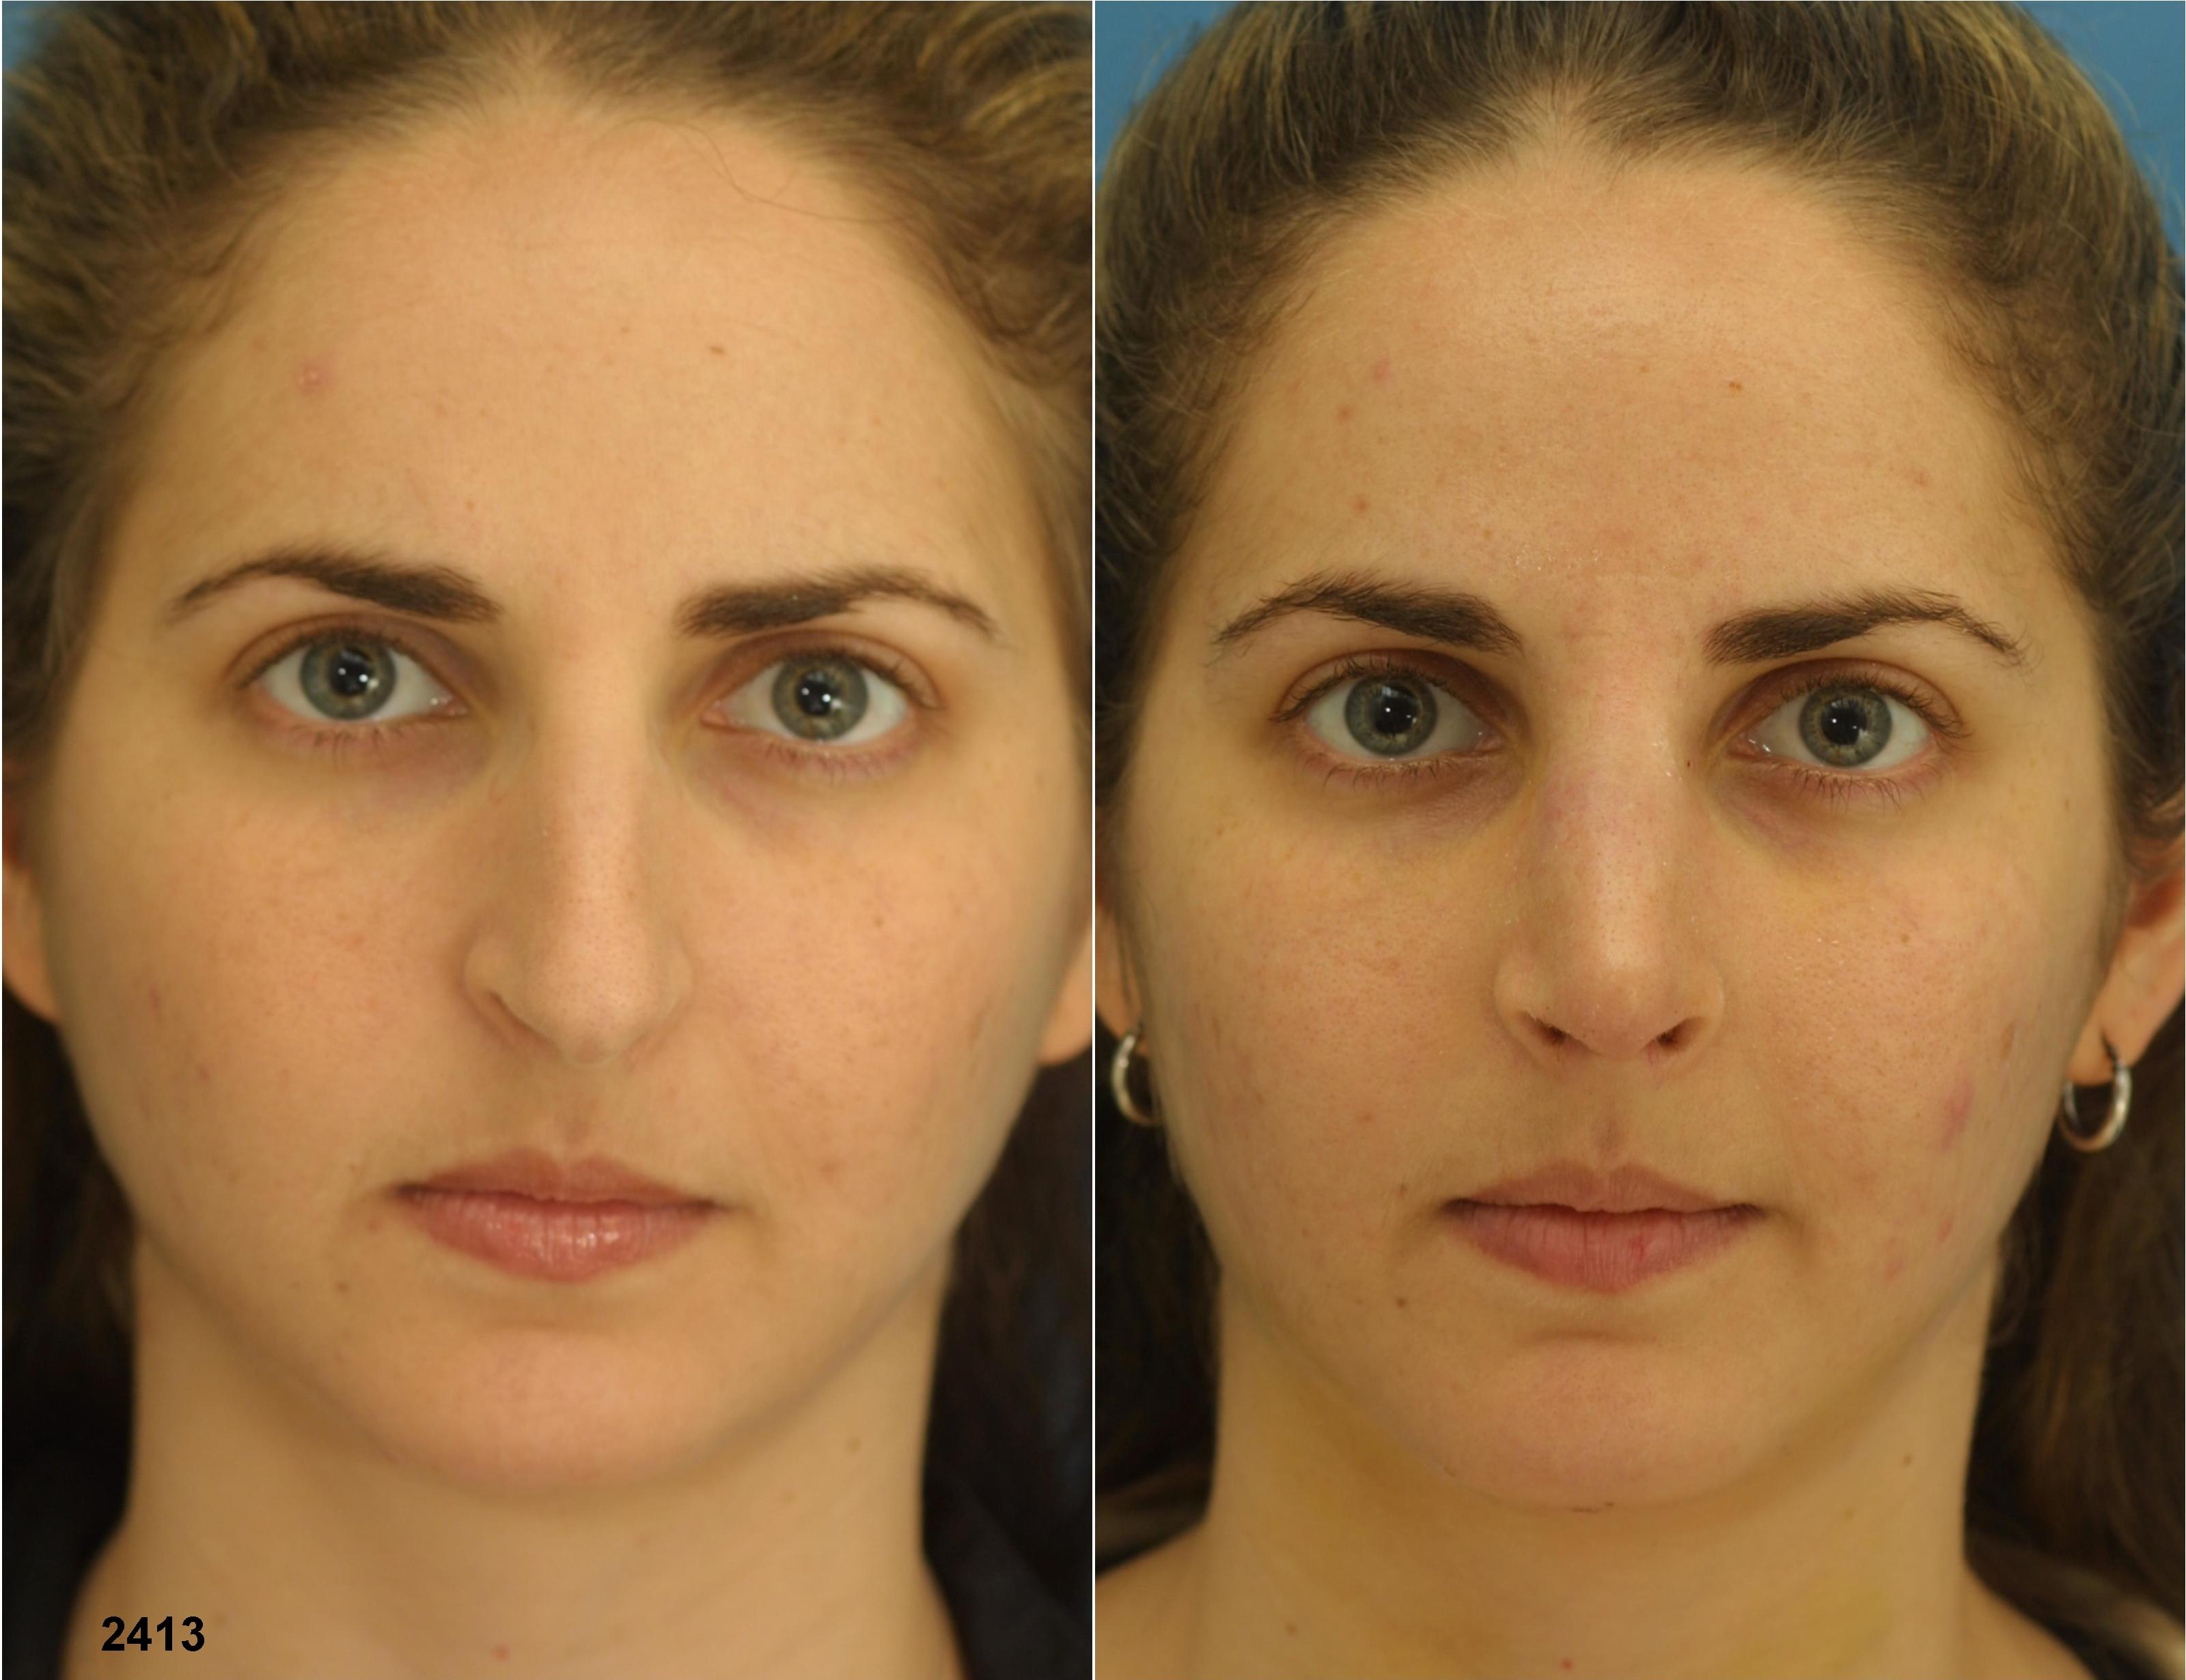 Операция по исправлению носовой перегородки или септопластика | лор боклин а. к.